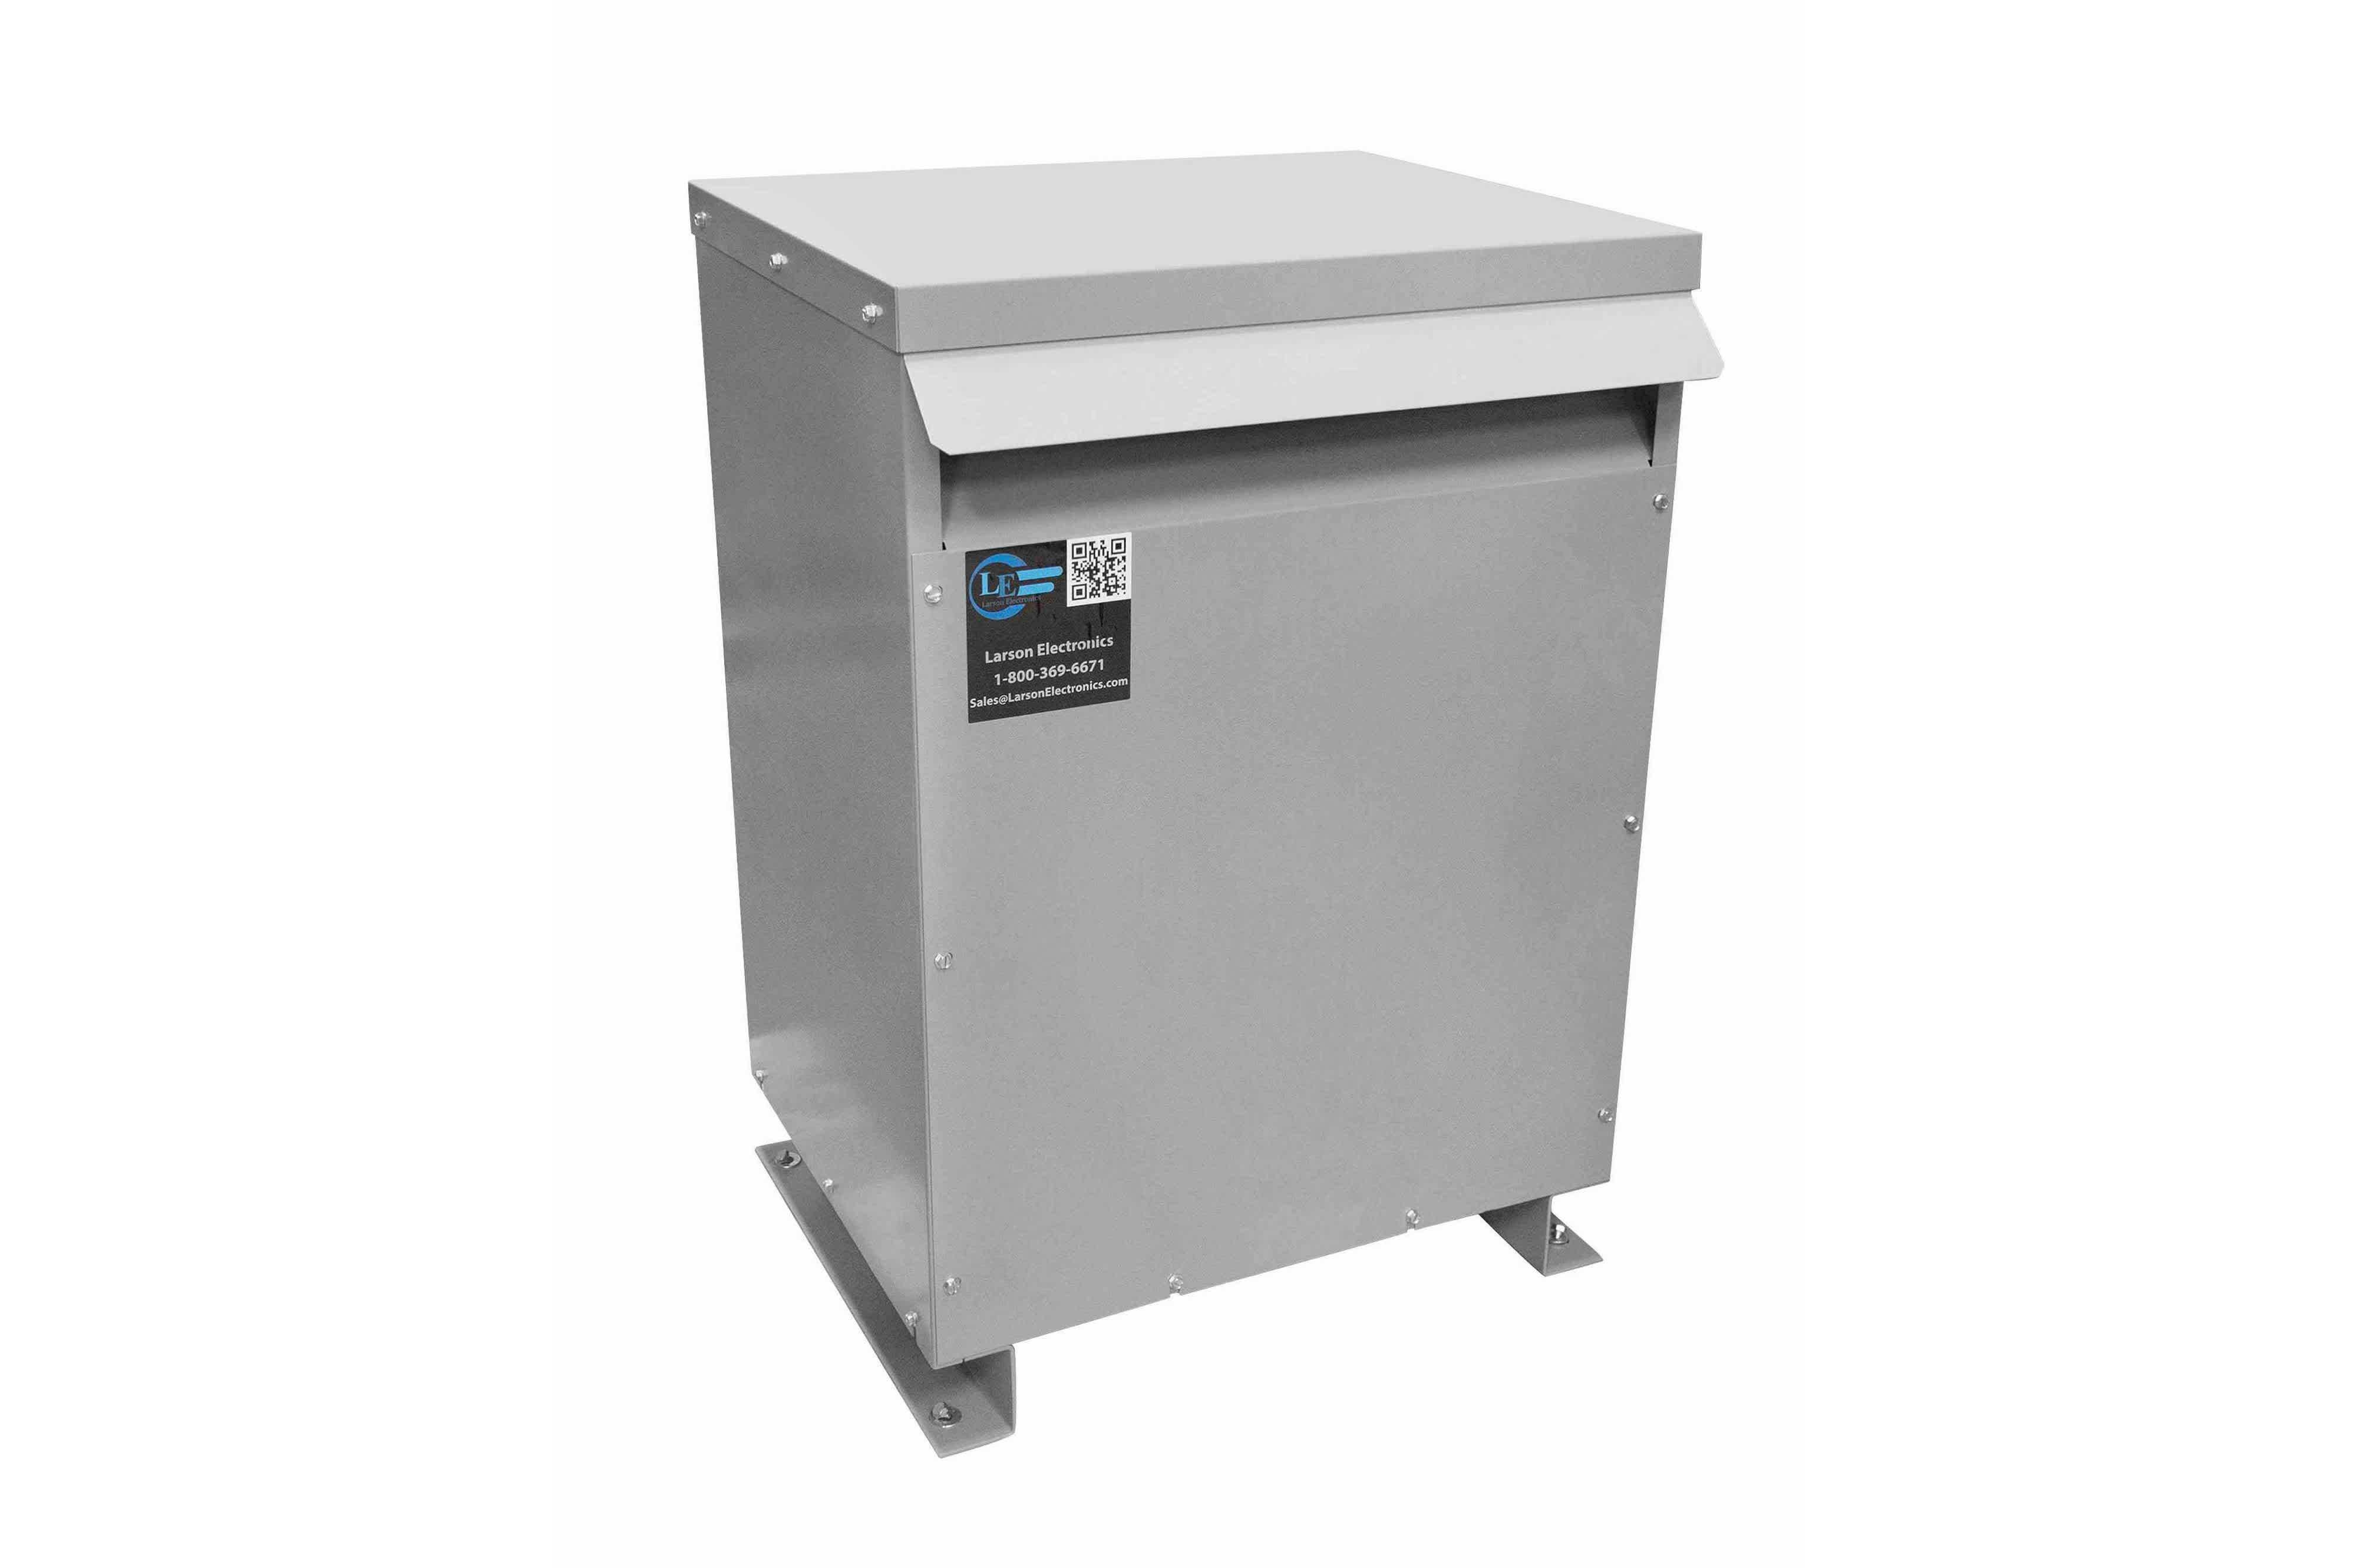 115 kVA 3PH Isolation Transformer, 400V Delta Primary, 600V Delta Secondary, N3R, Ventilated, 60 Hz